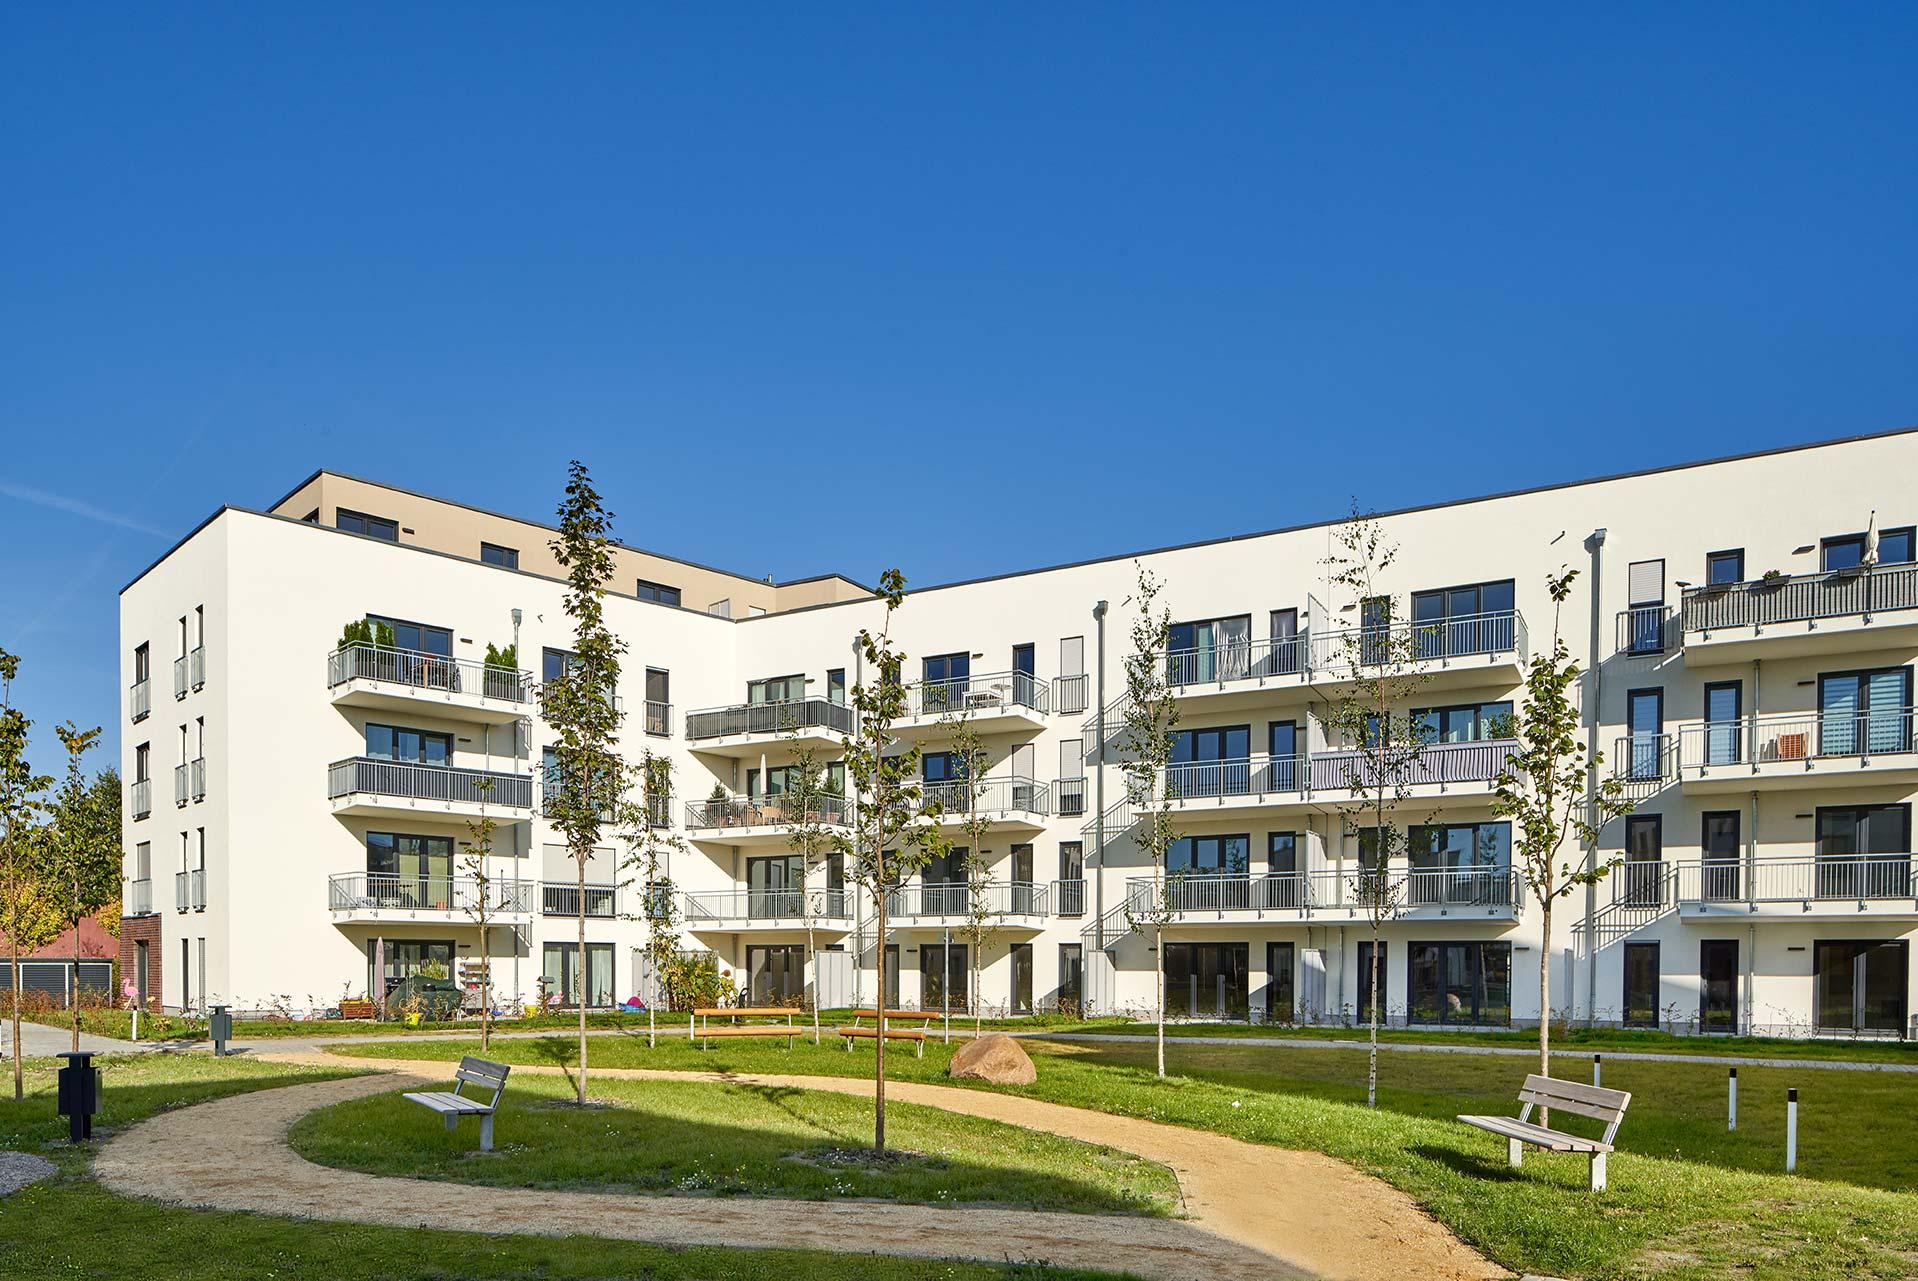 Innenhofansicht eines Wohnungsbauprojektes in Potsdam - Architekturfotografie Potsdam